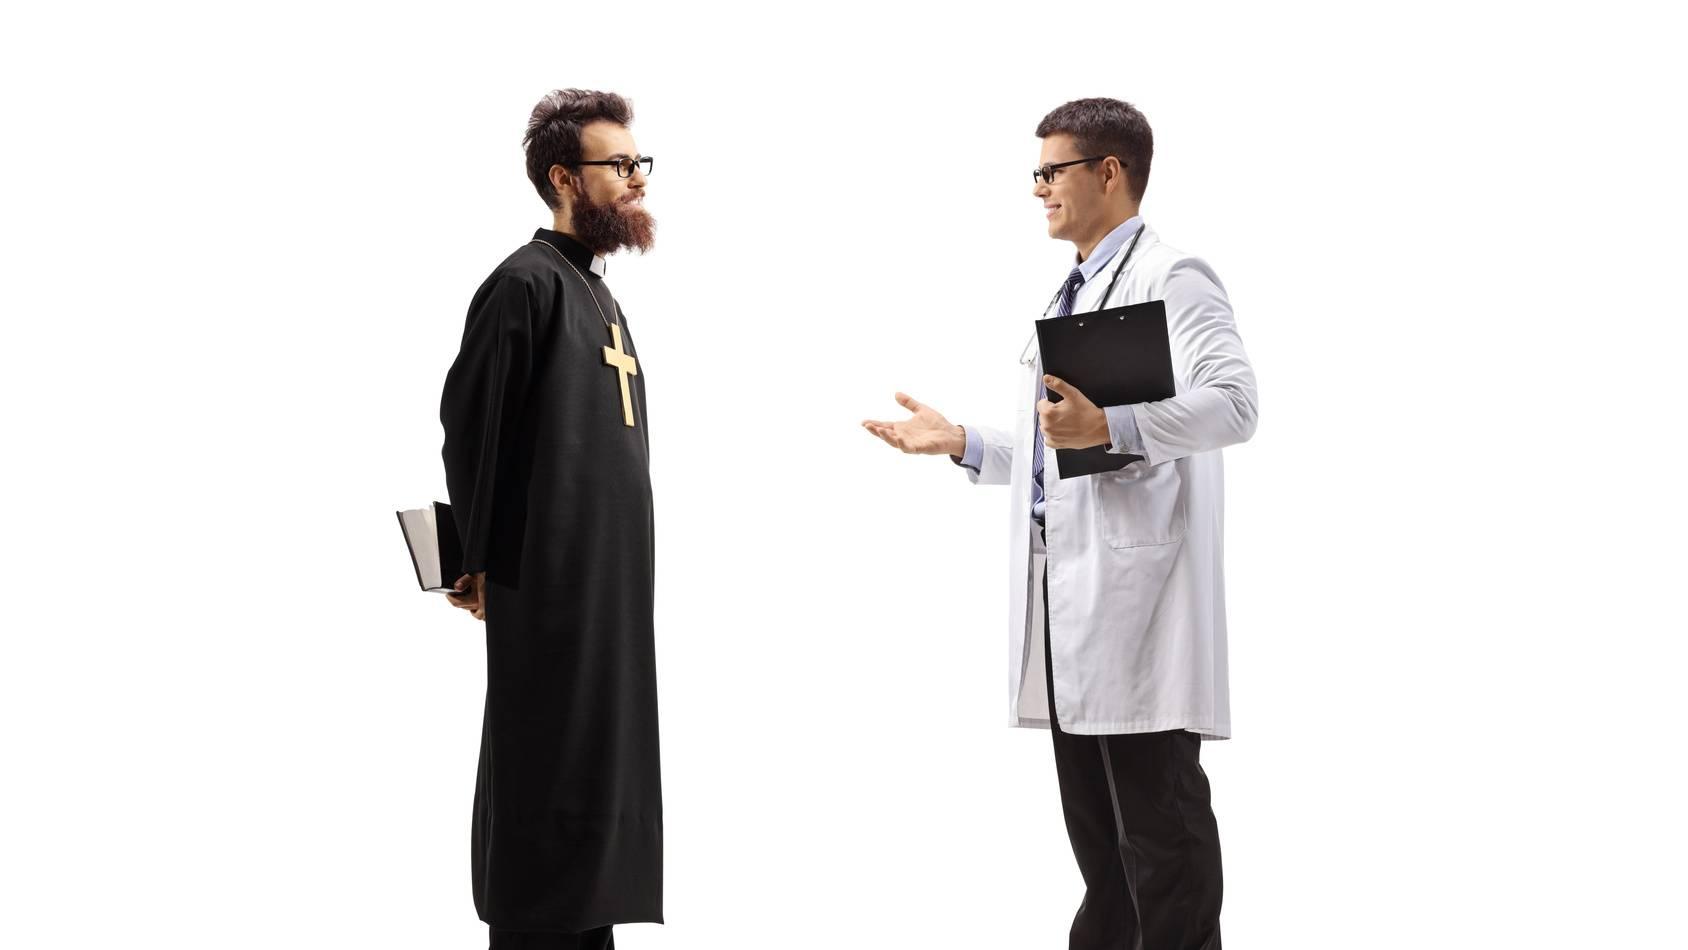 5. 16x9 krztusiec czy kosciol popiera szczepienia